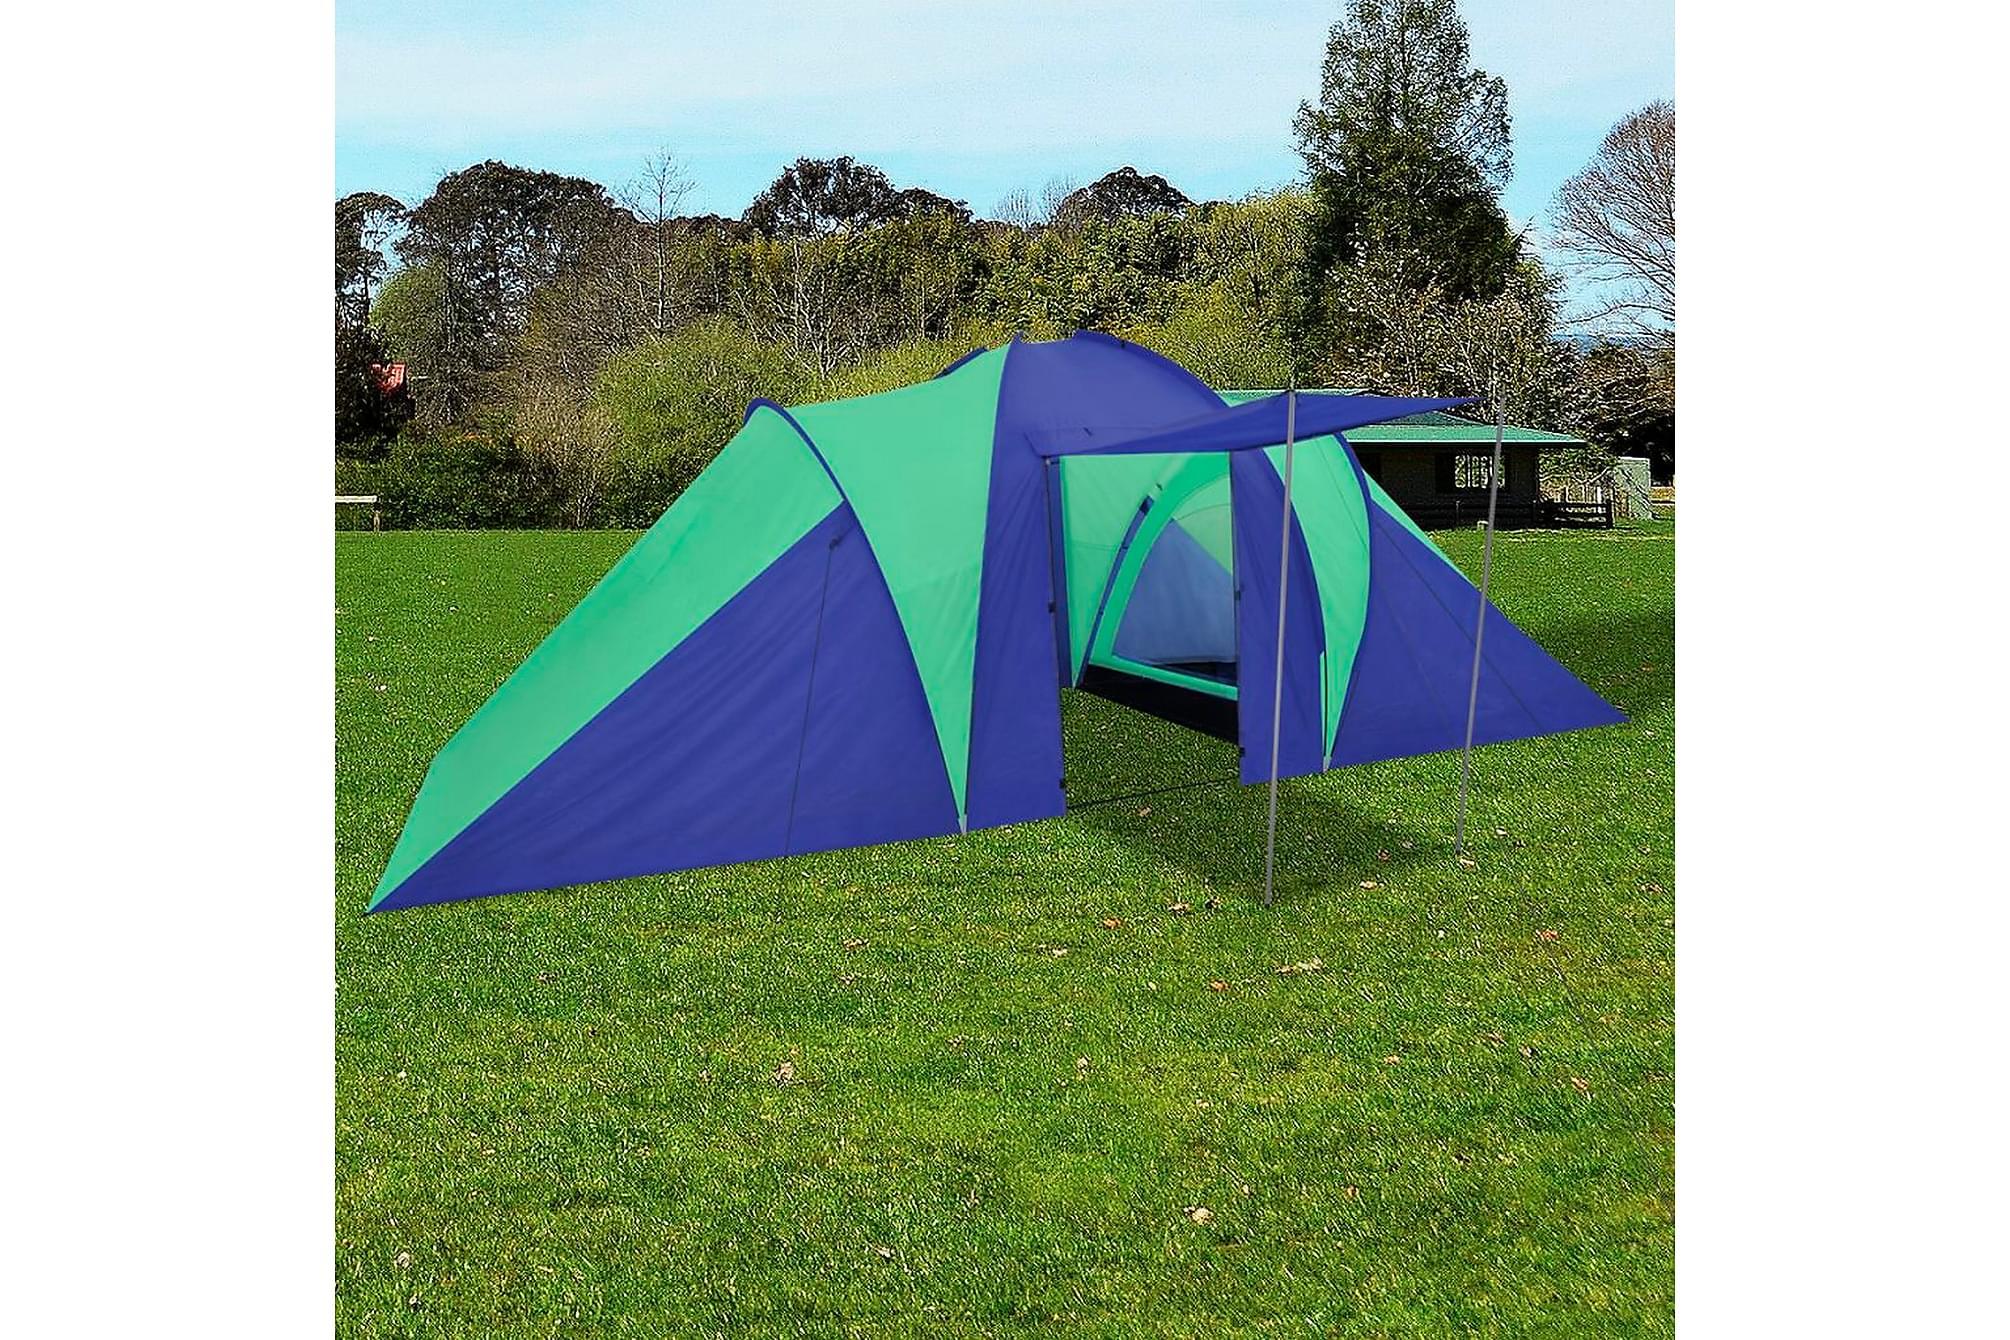 Campingtält 6 personer 580x240x200cm marinblå/grön, Partytält